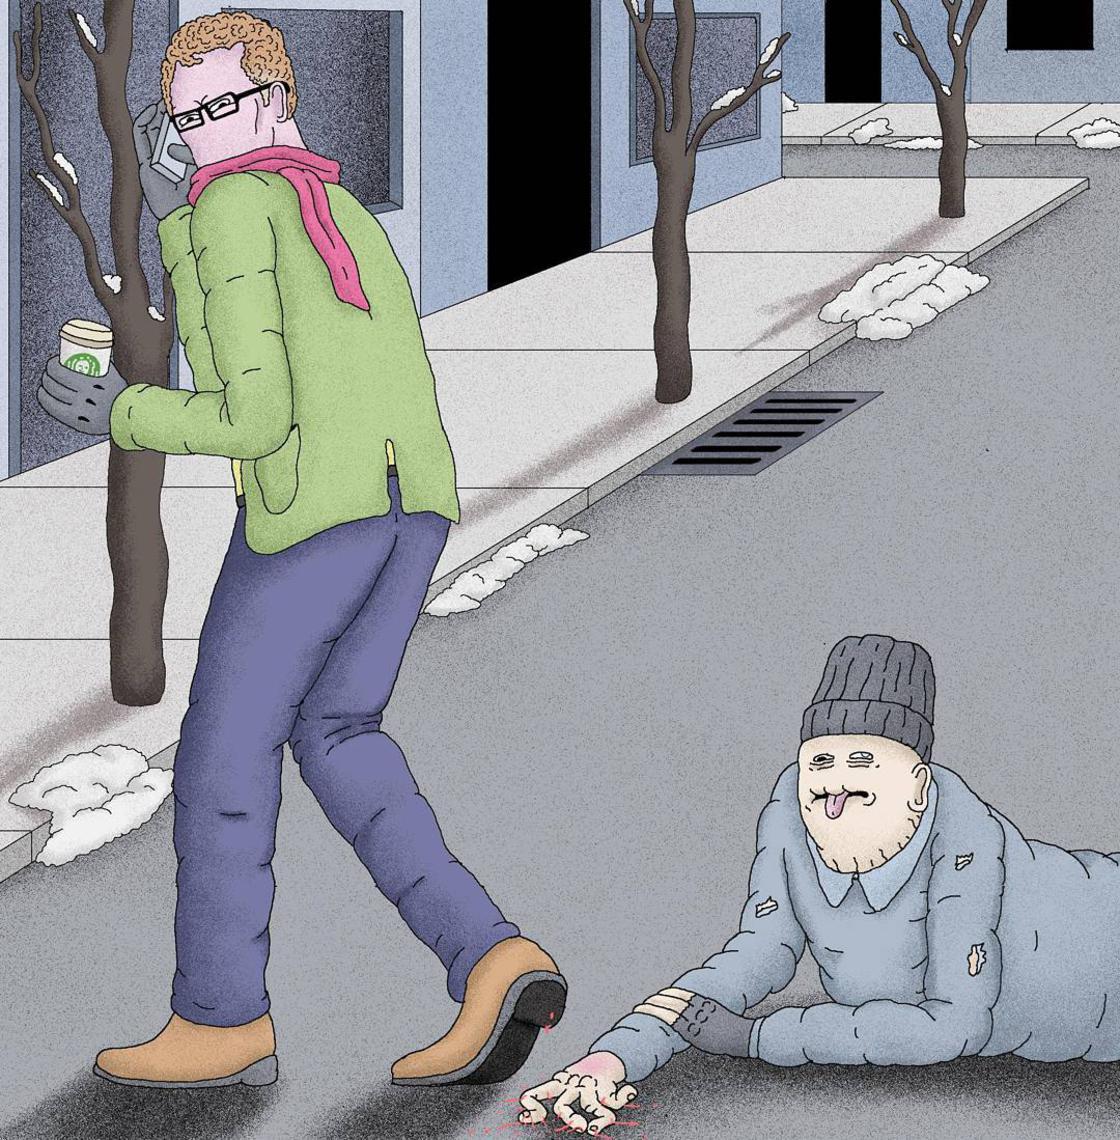 Les illustrations sombres et satiriques d'Alex Gamsu Jenkins